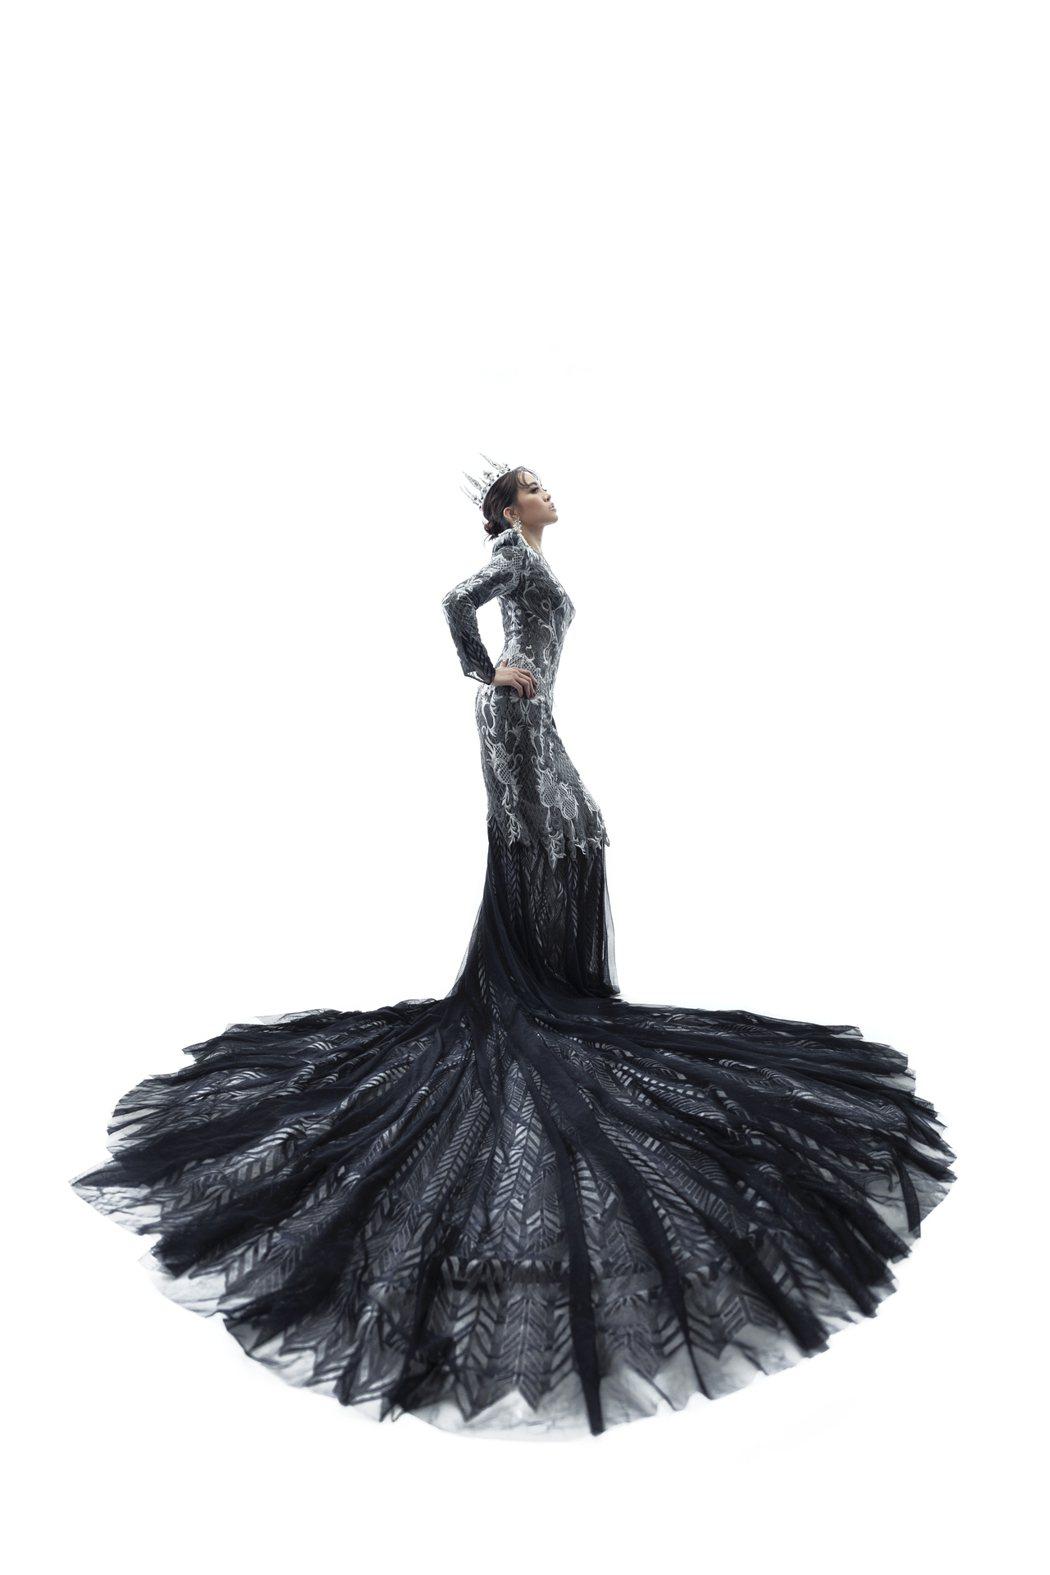 戴愛玲穿上3公尺長的灰藍色合身紗裙,曲線畢露。圖/媒體棧國際行銷提供